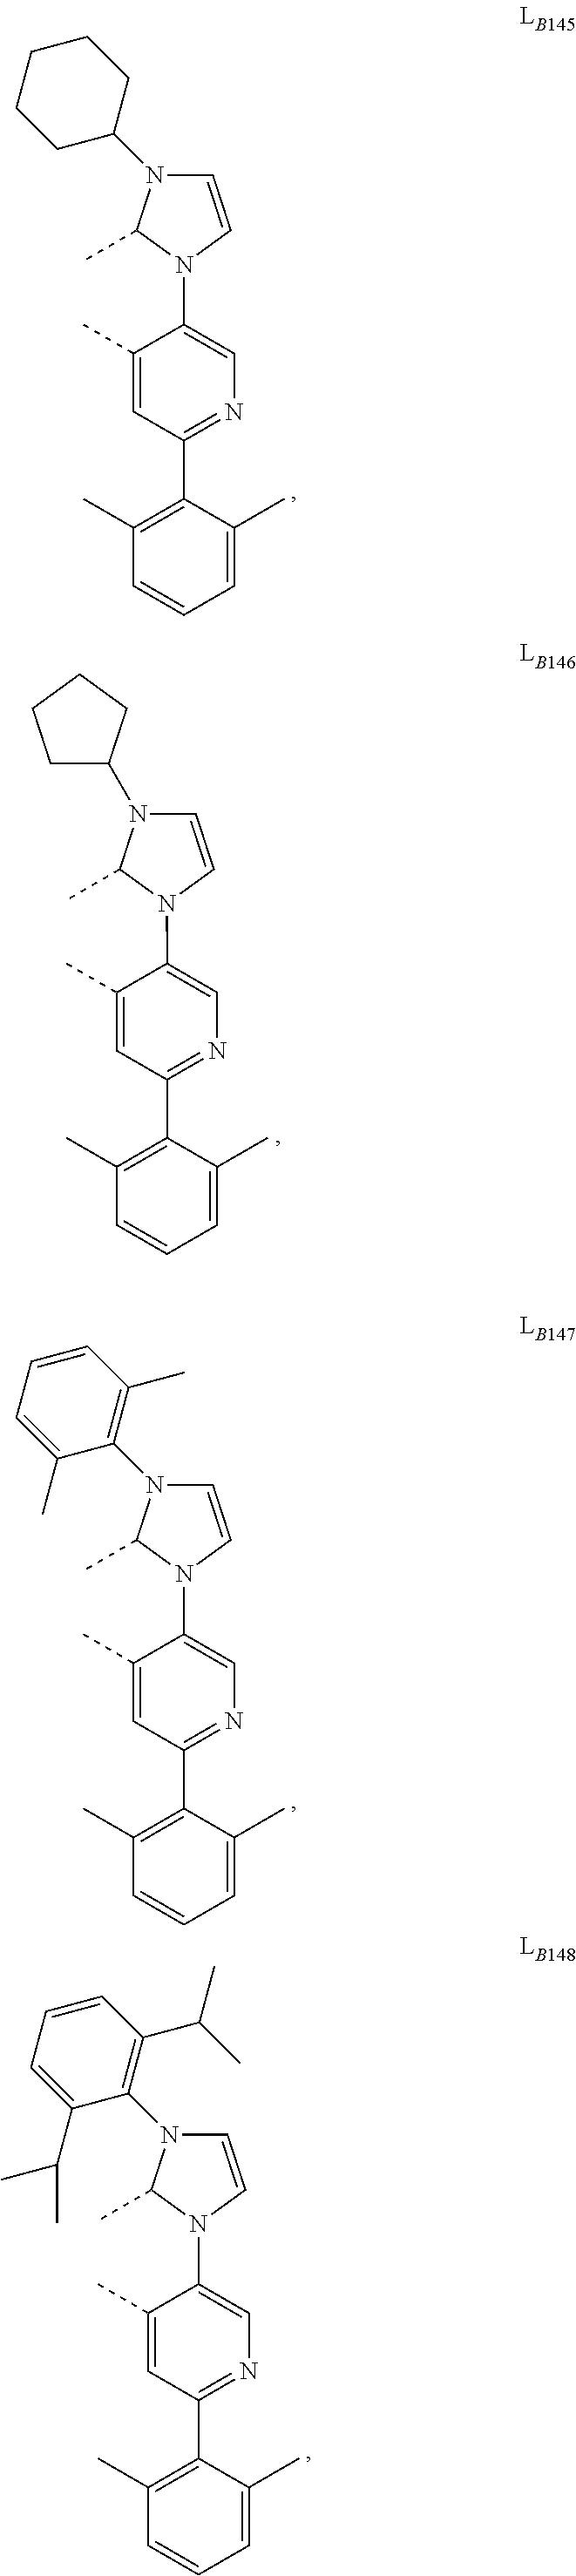 Figure US09905785-20180227-C00136